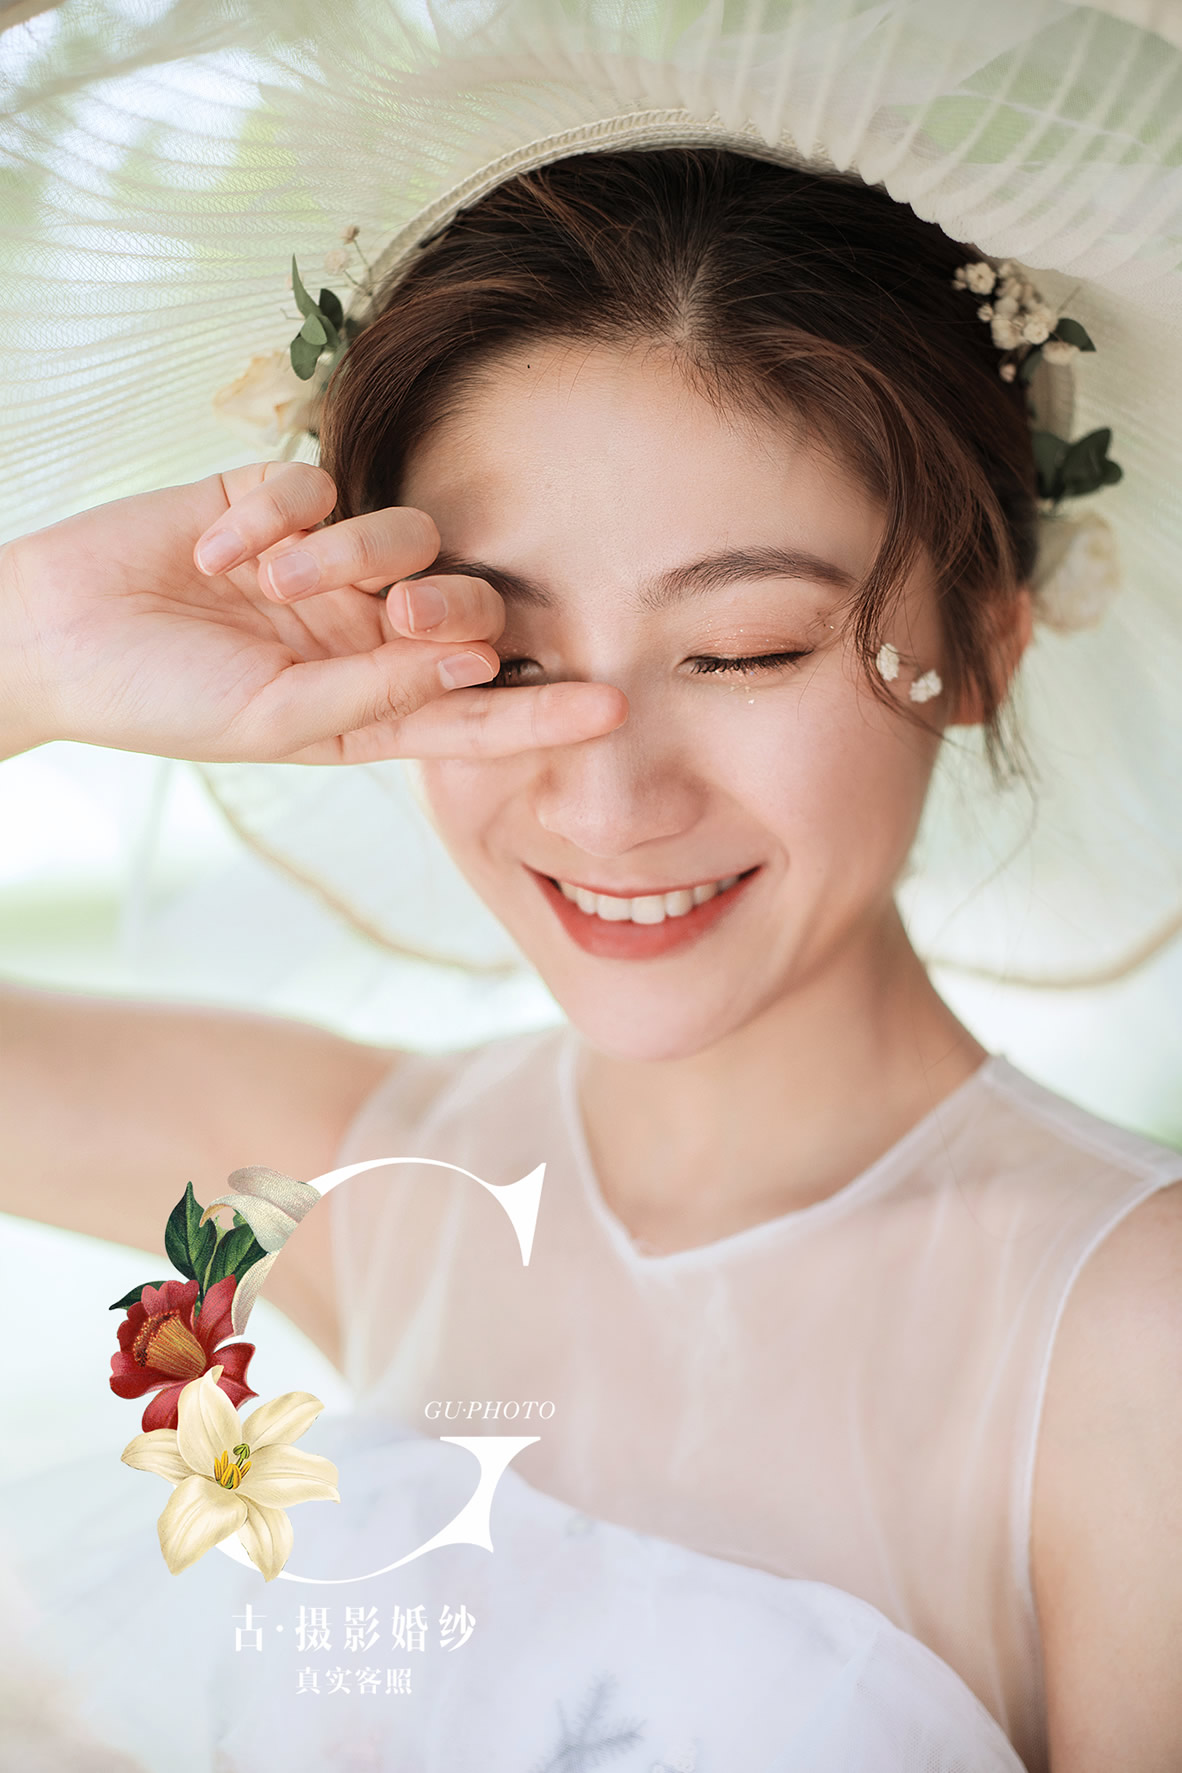 王先生 陈小姐 - 每日客照 - 古摄影婚纱艺术-古摄影成都婚纱摄影艺术摄影网